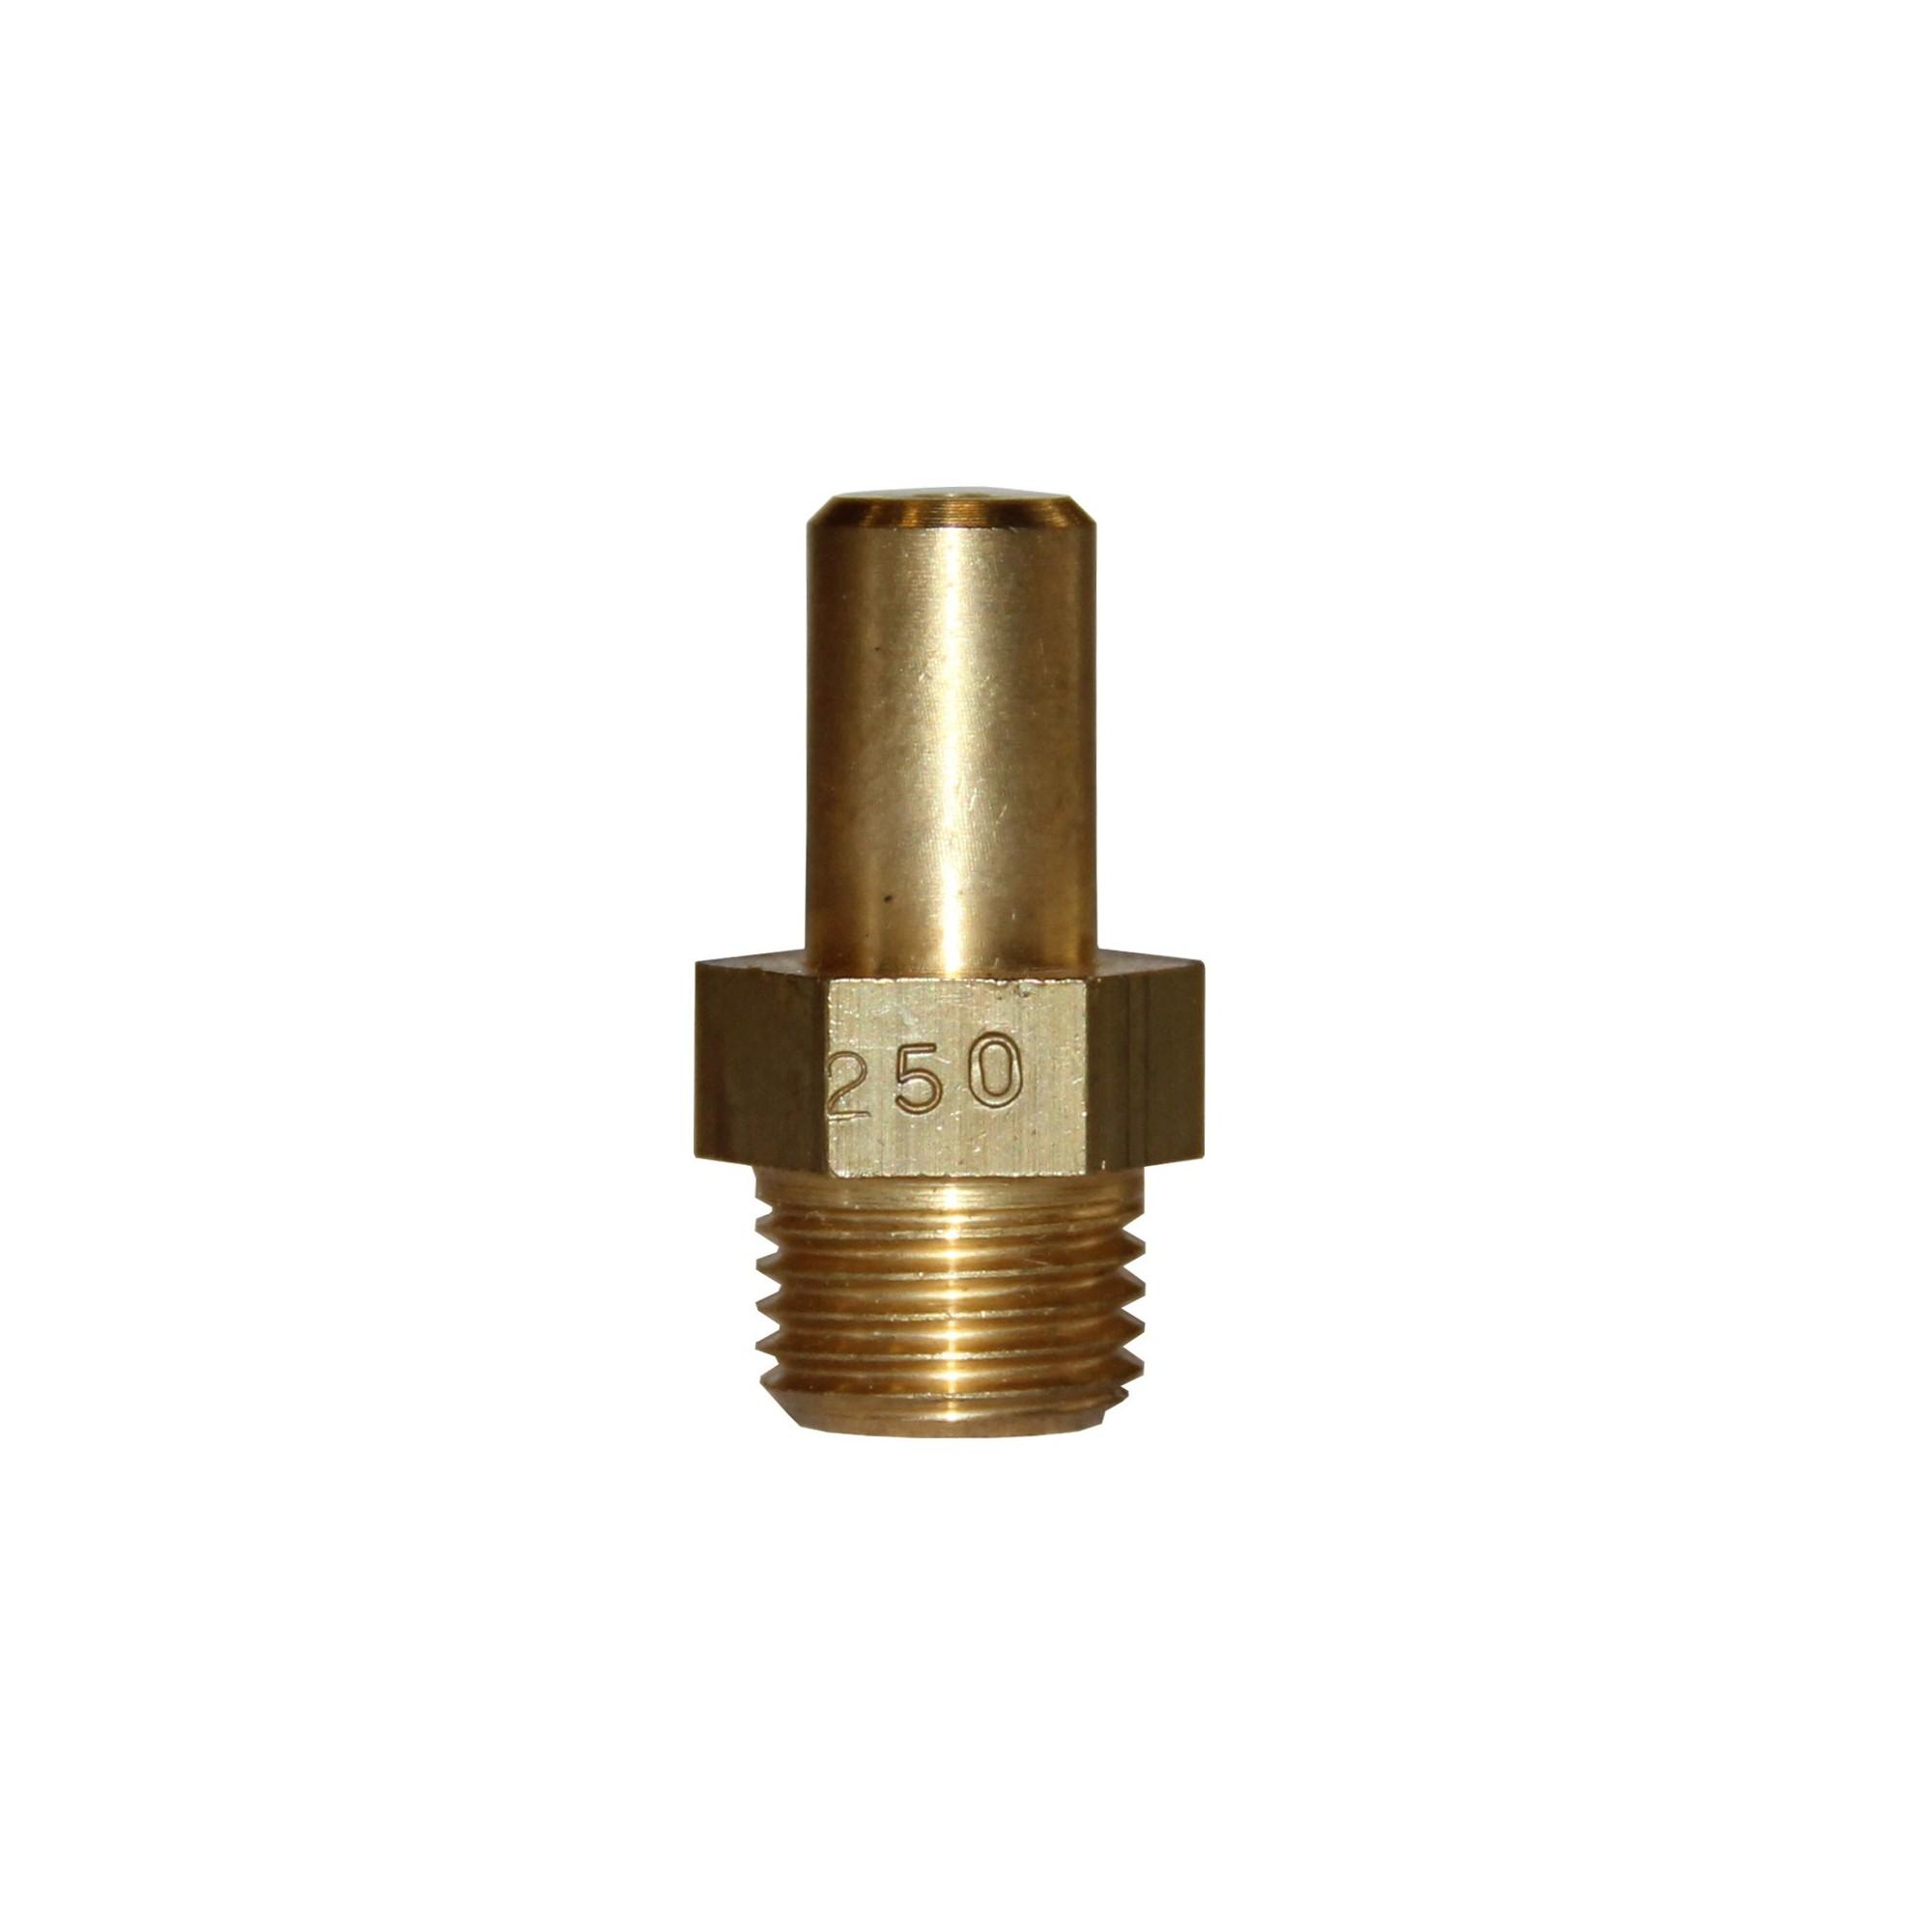 INJECTEUR PRINCIPAL GAZ NATURELLE: 250 × 22